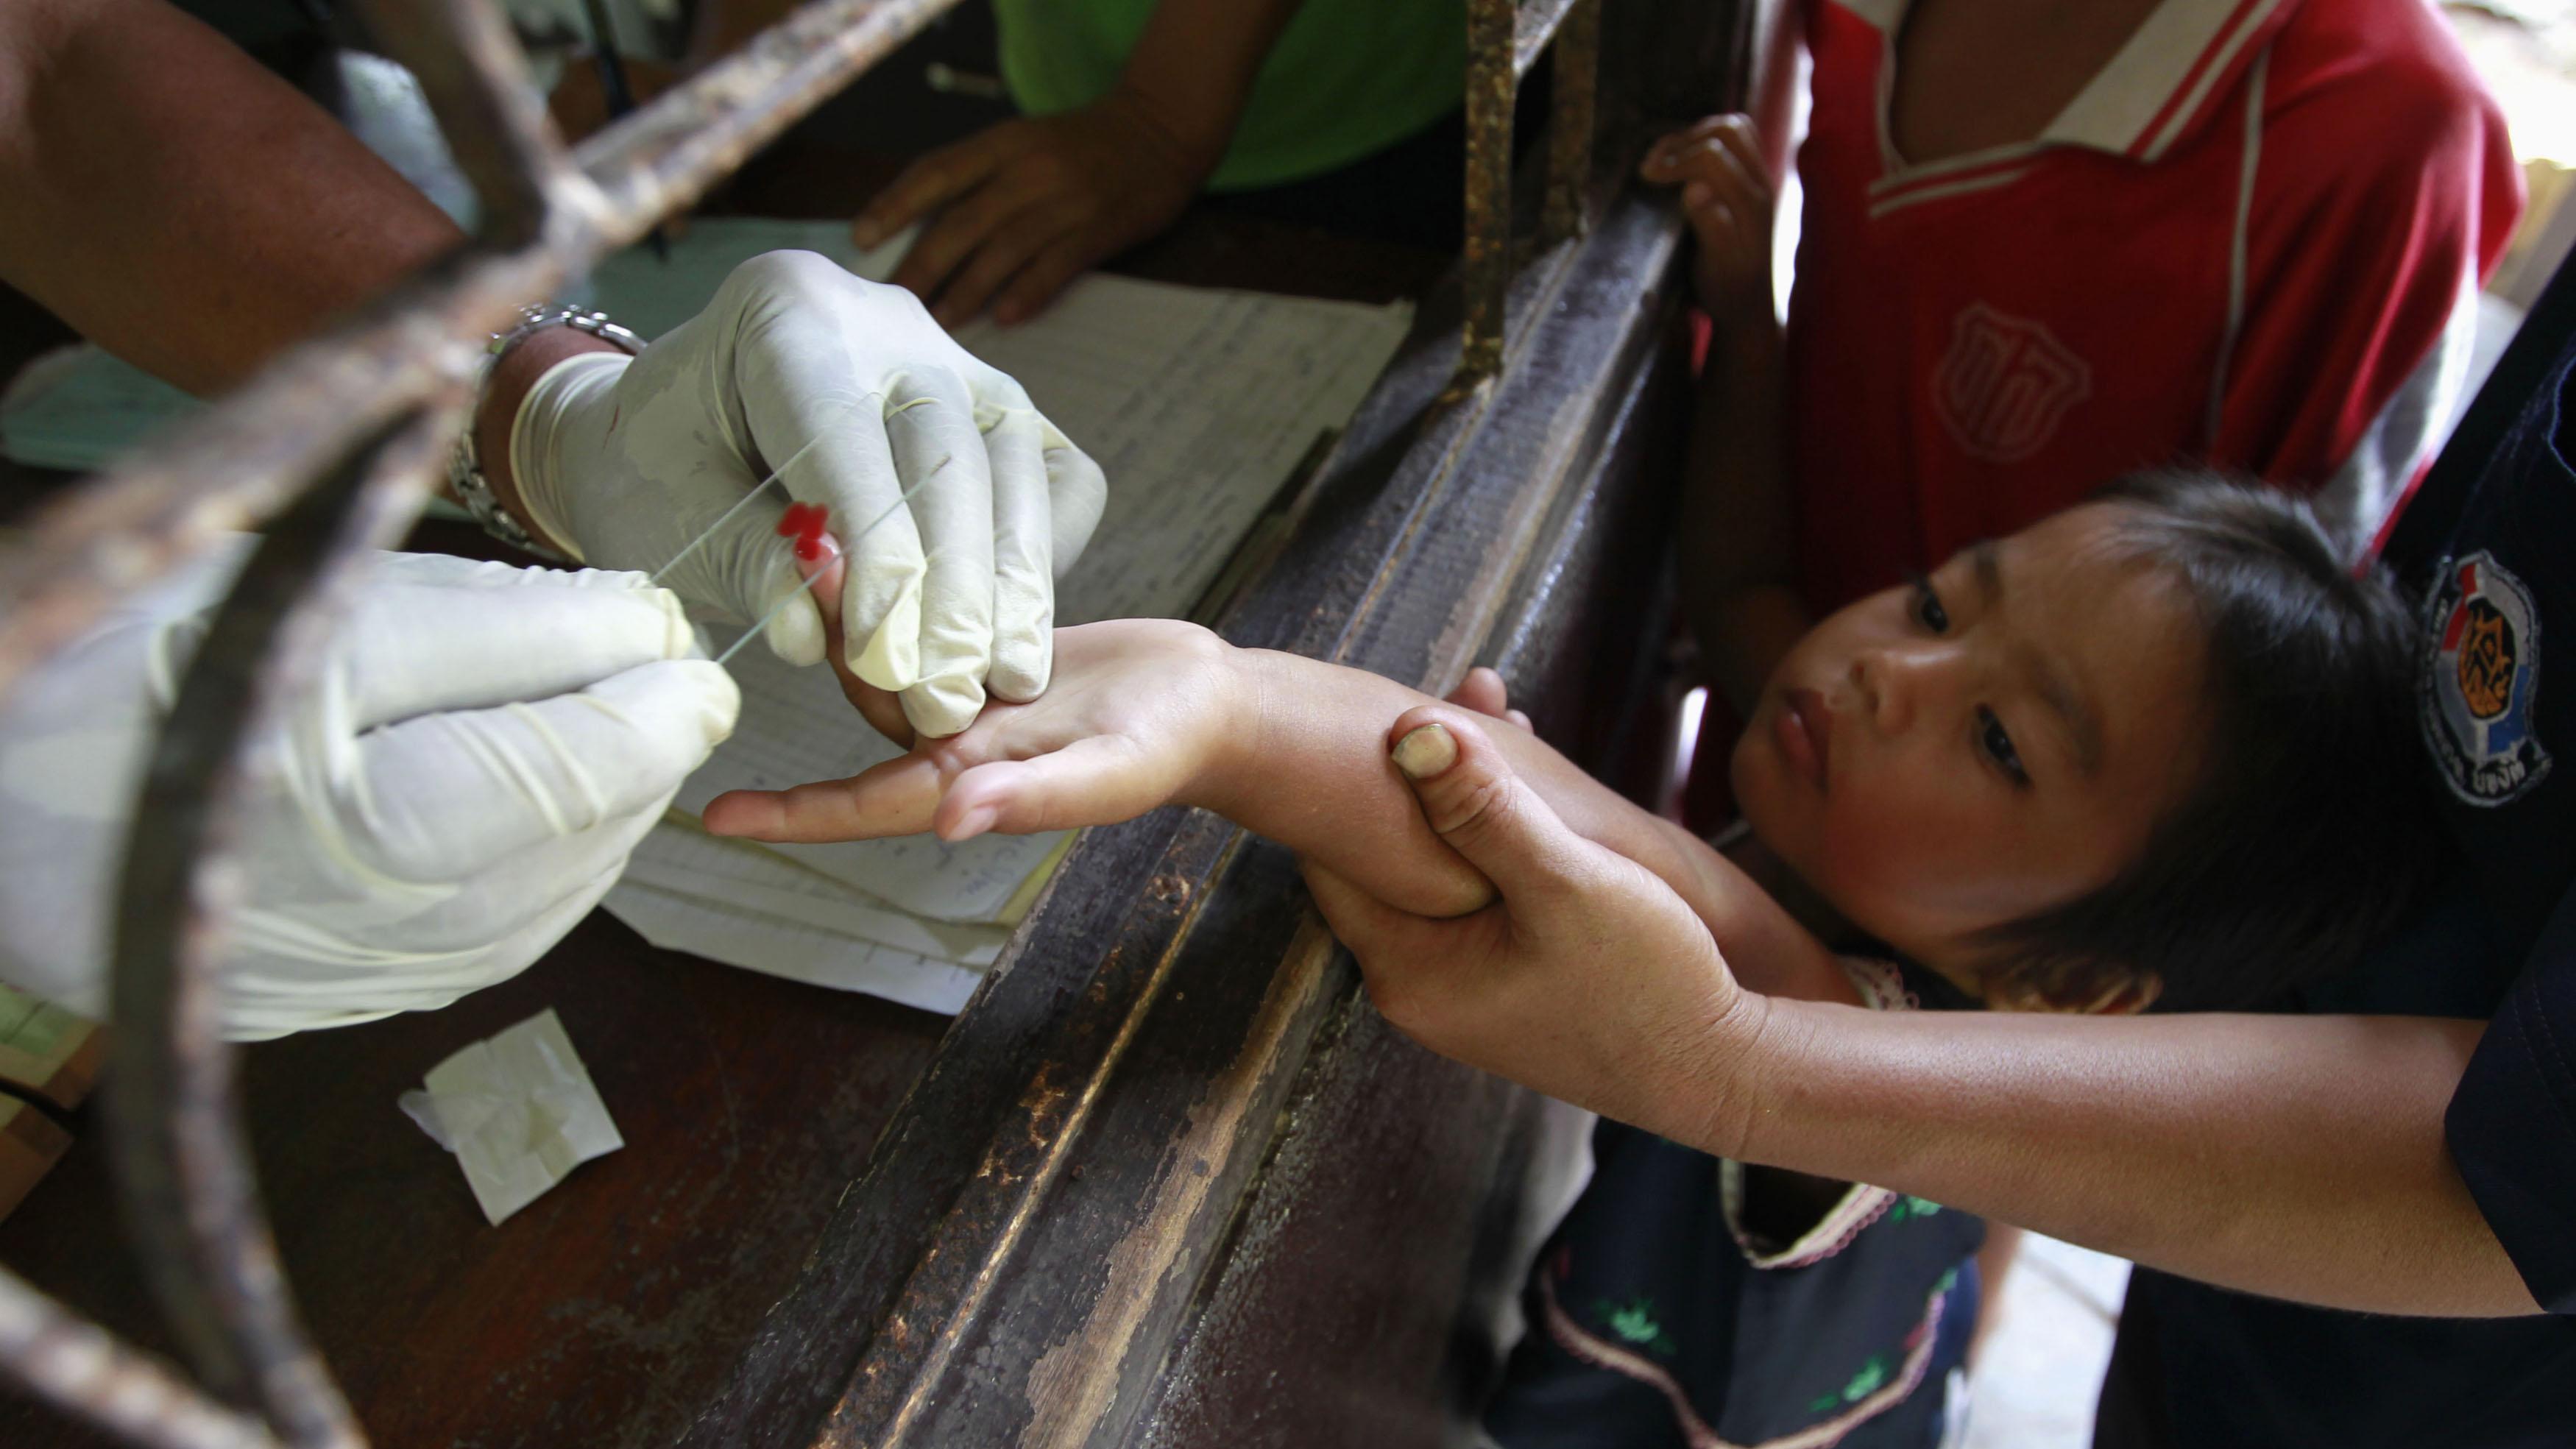 Malaria testing